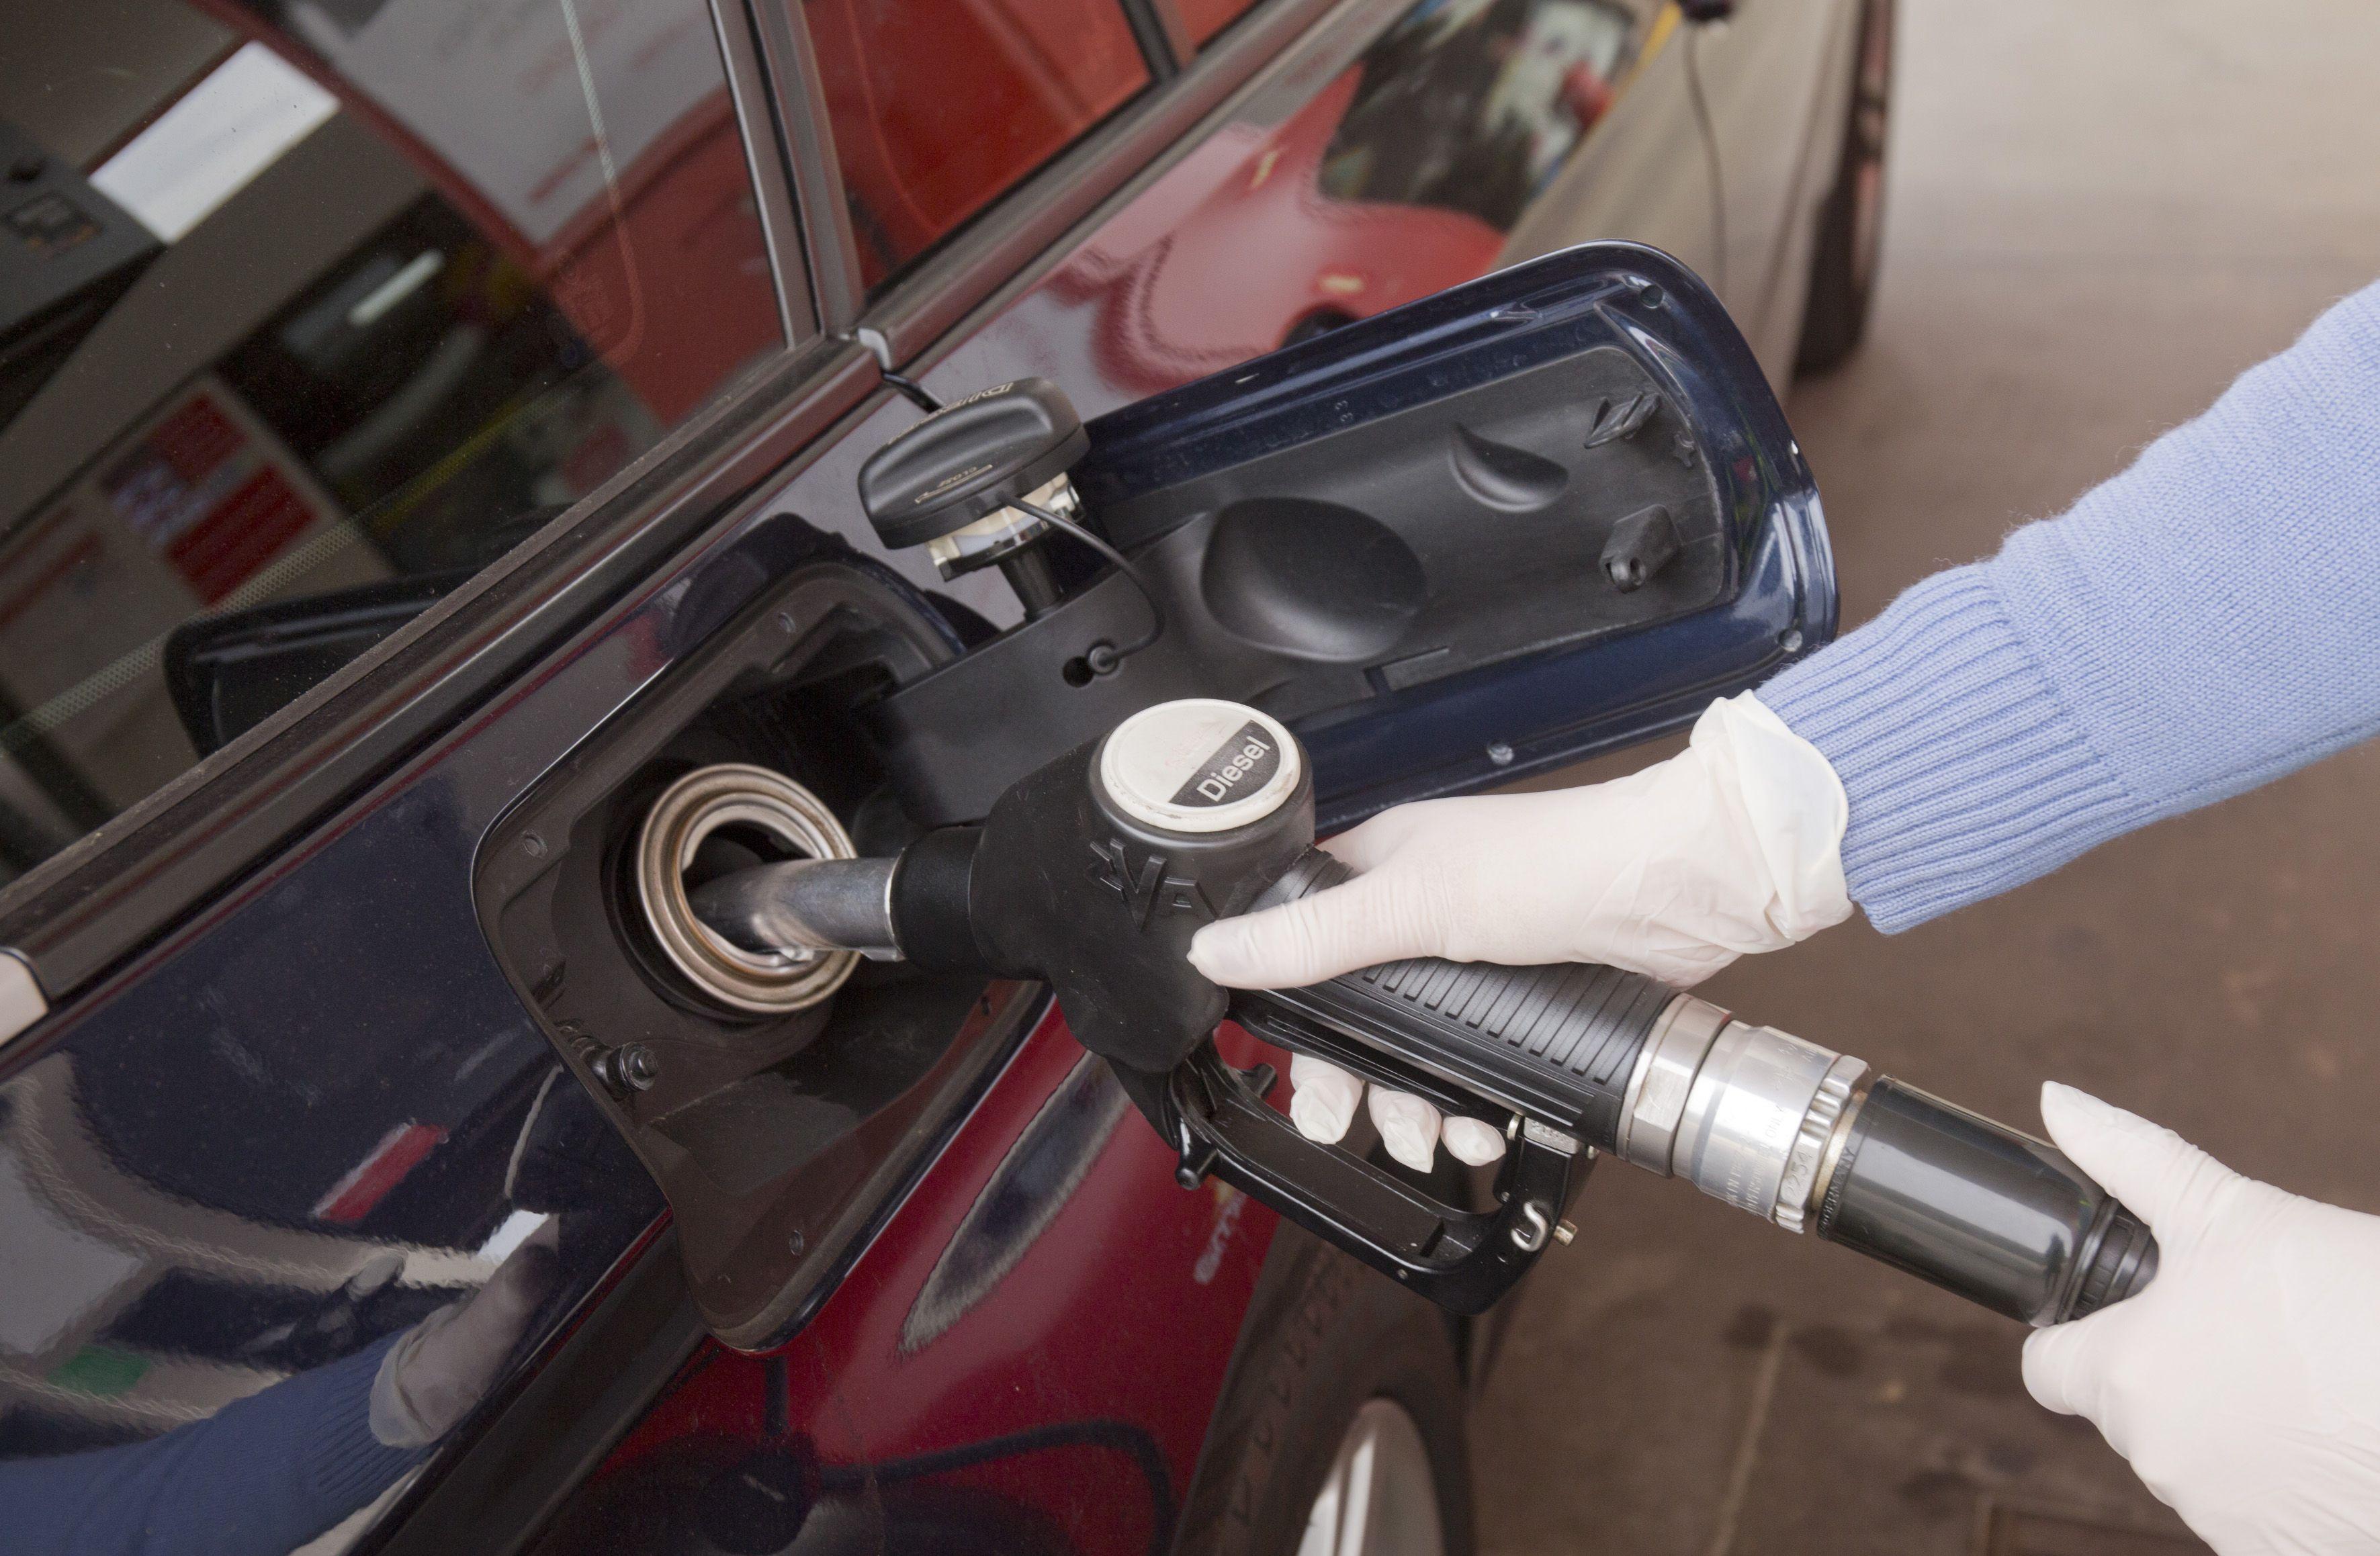 Gasolinera 24 horas en Málaga